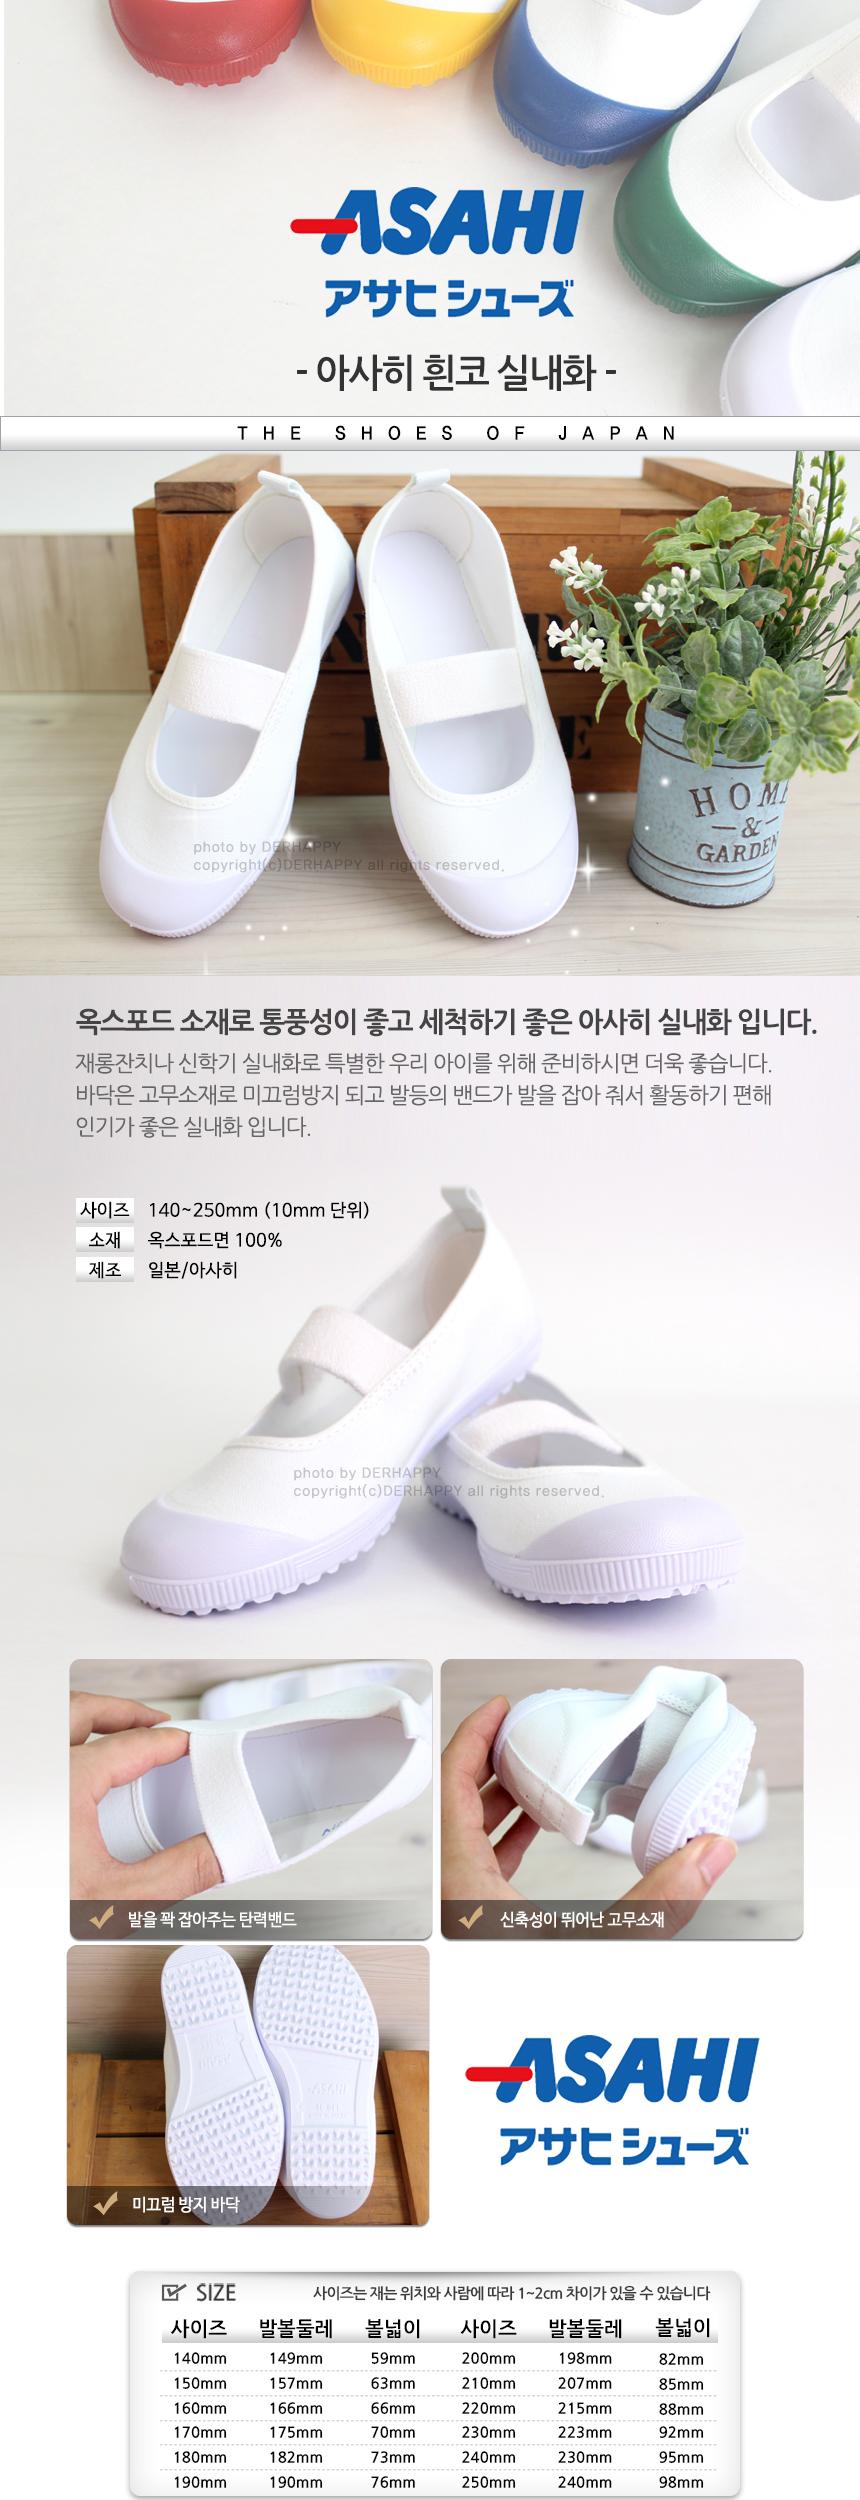 정품 vk 아사히 흰코 실내화 - 더해피, 19,900원, 신발, 실내화